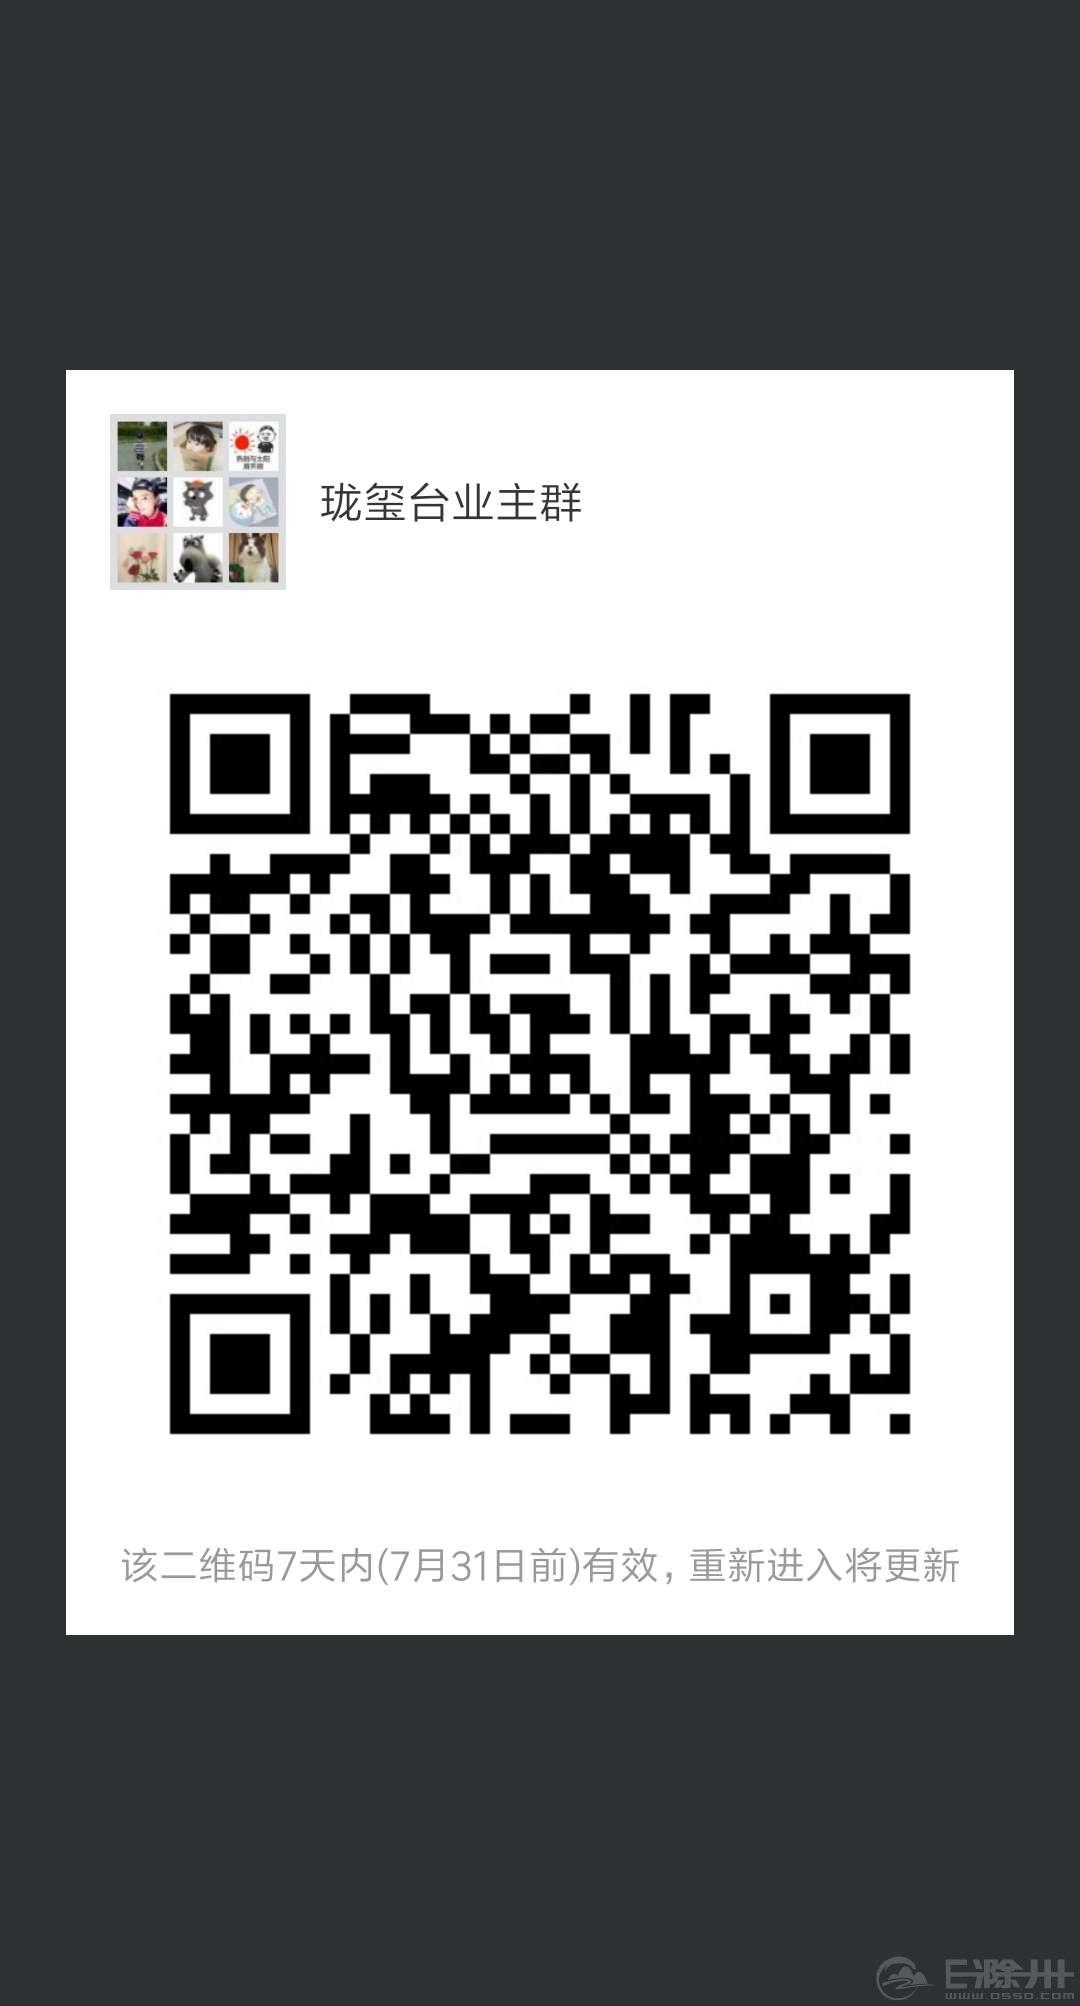 421686604680496407.jpg